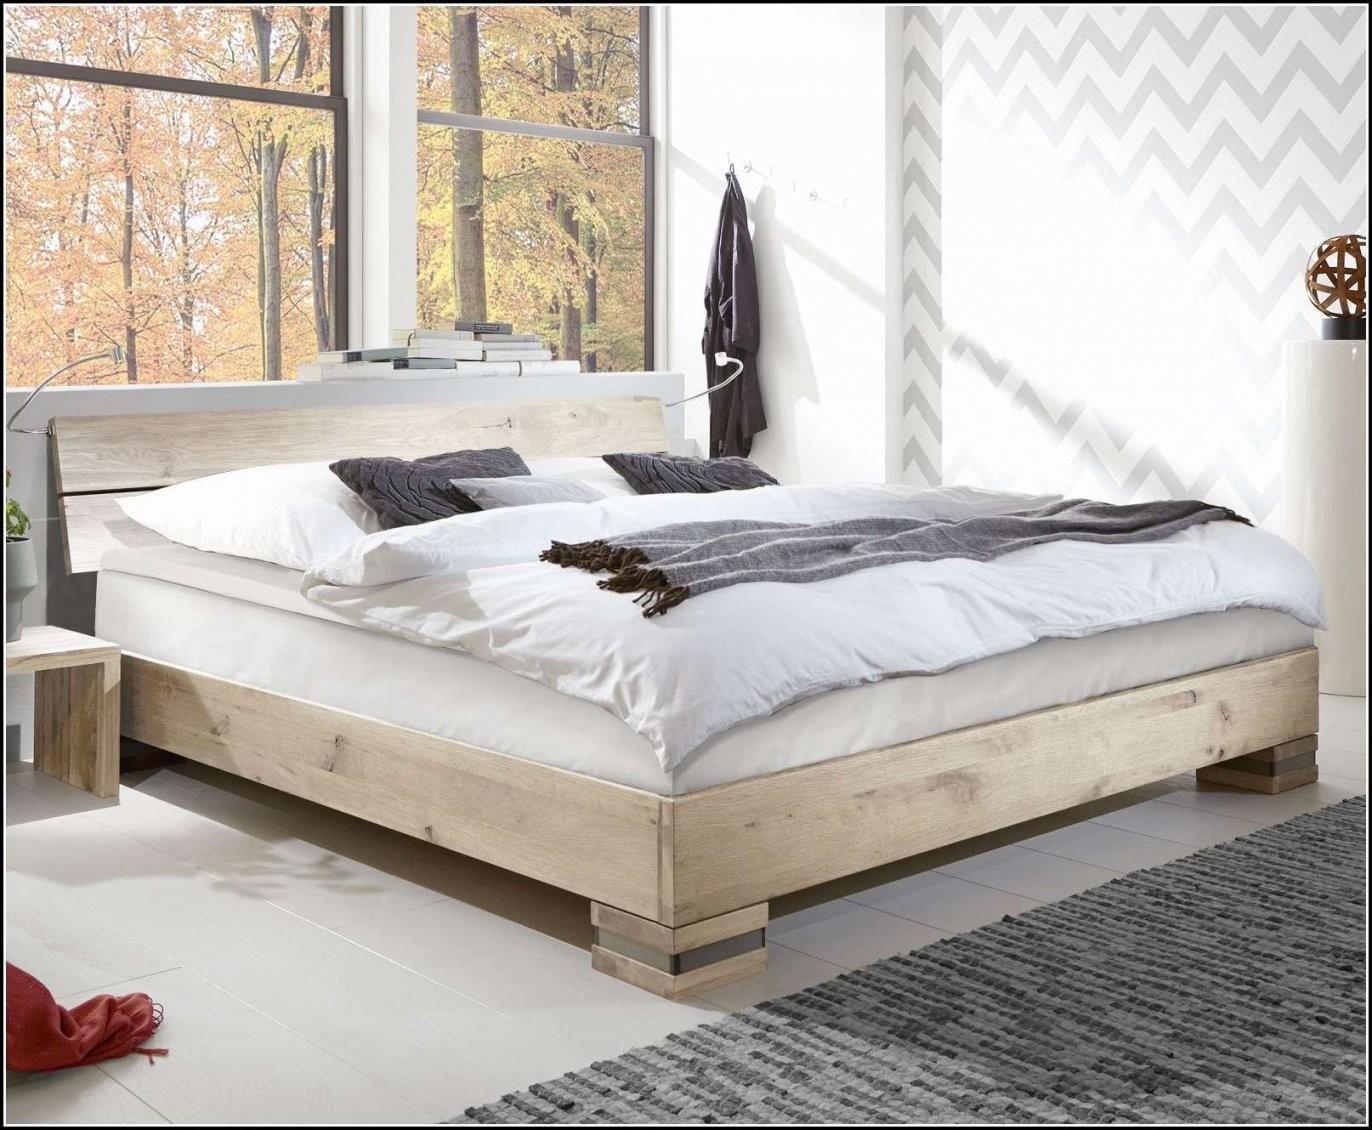 100 Luxury Bett Mit Matratze Und Lattenrost 90X200  Ubumenyi von Bett Mit Matratze Und Lattenrost 90X200 Photo